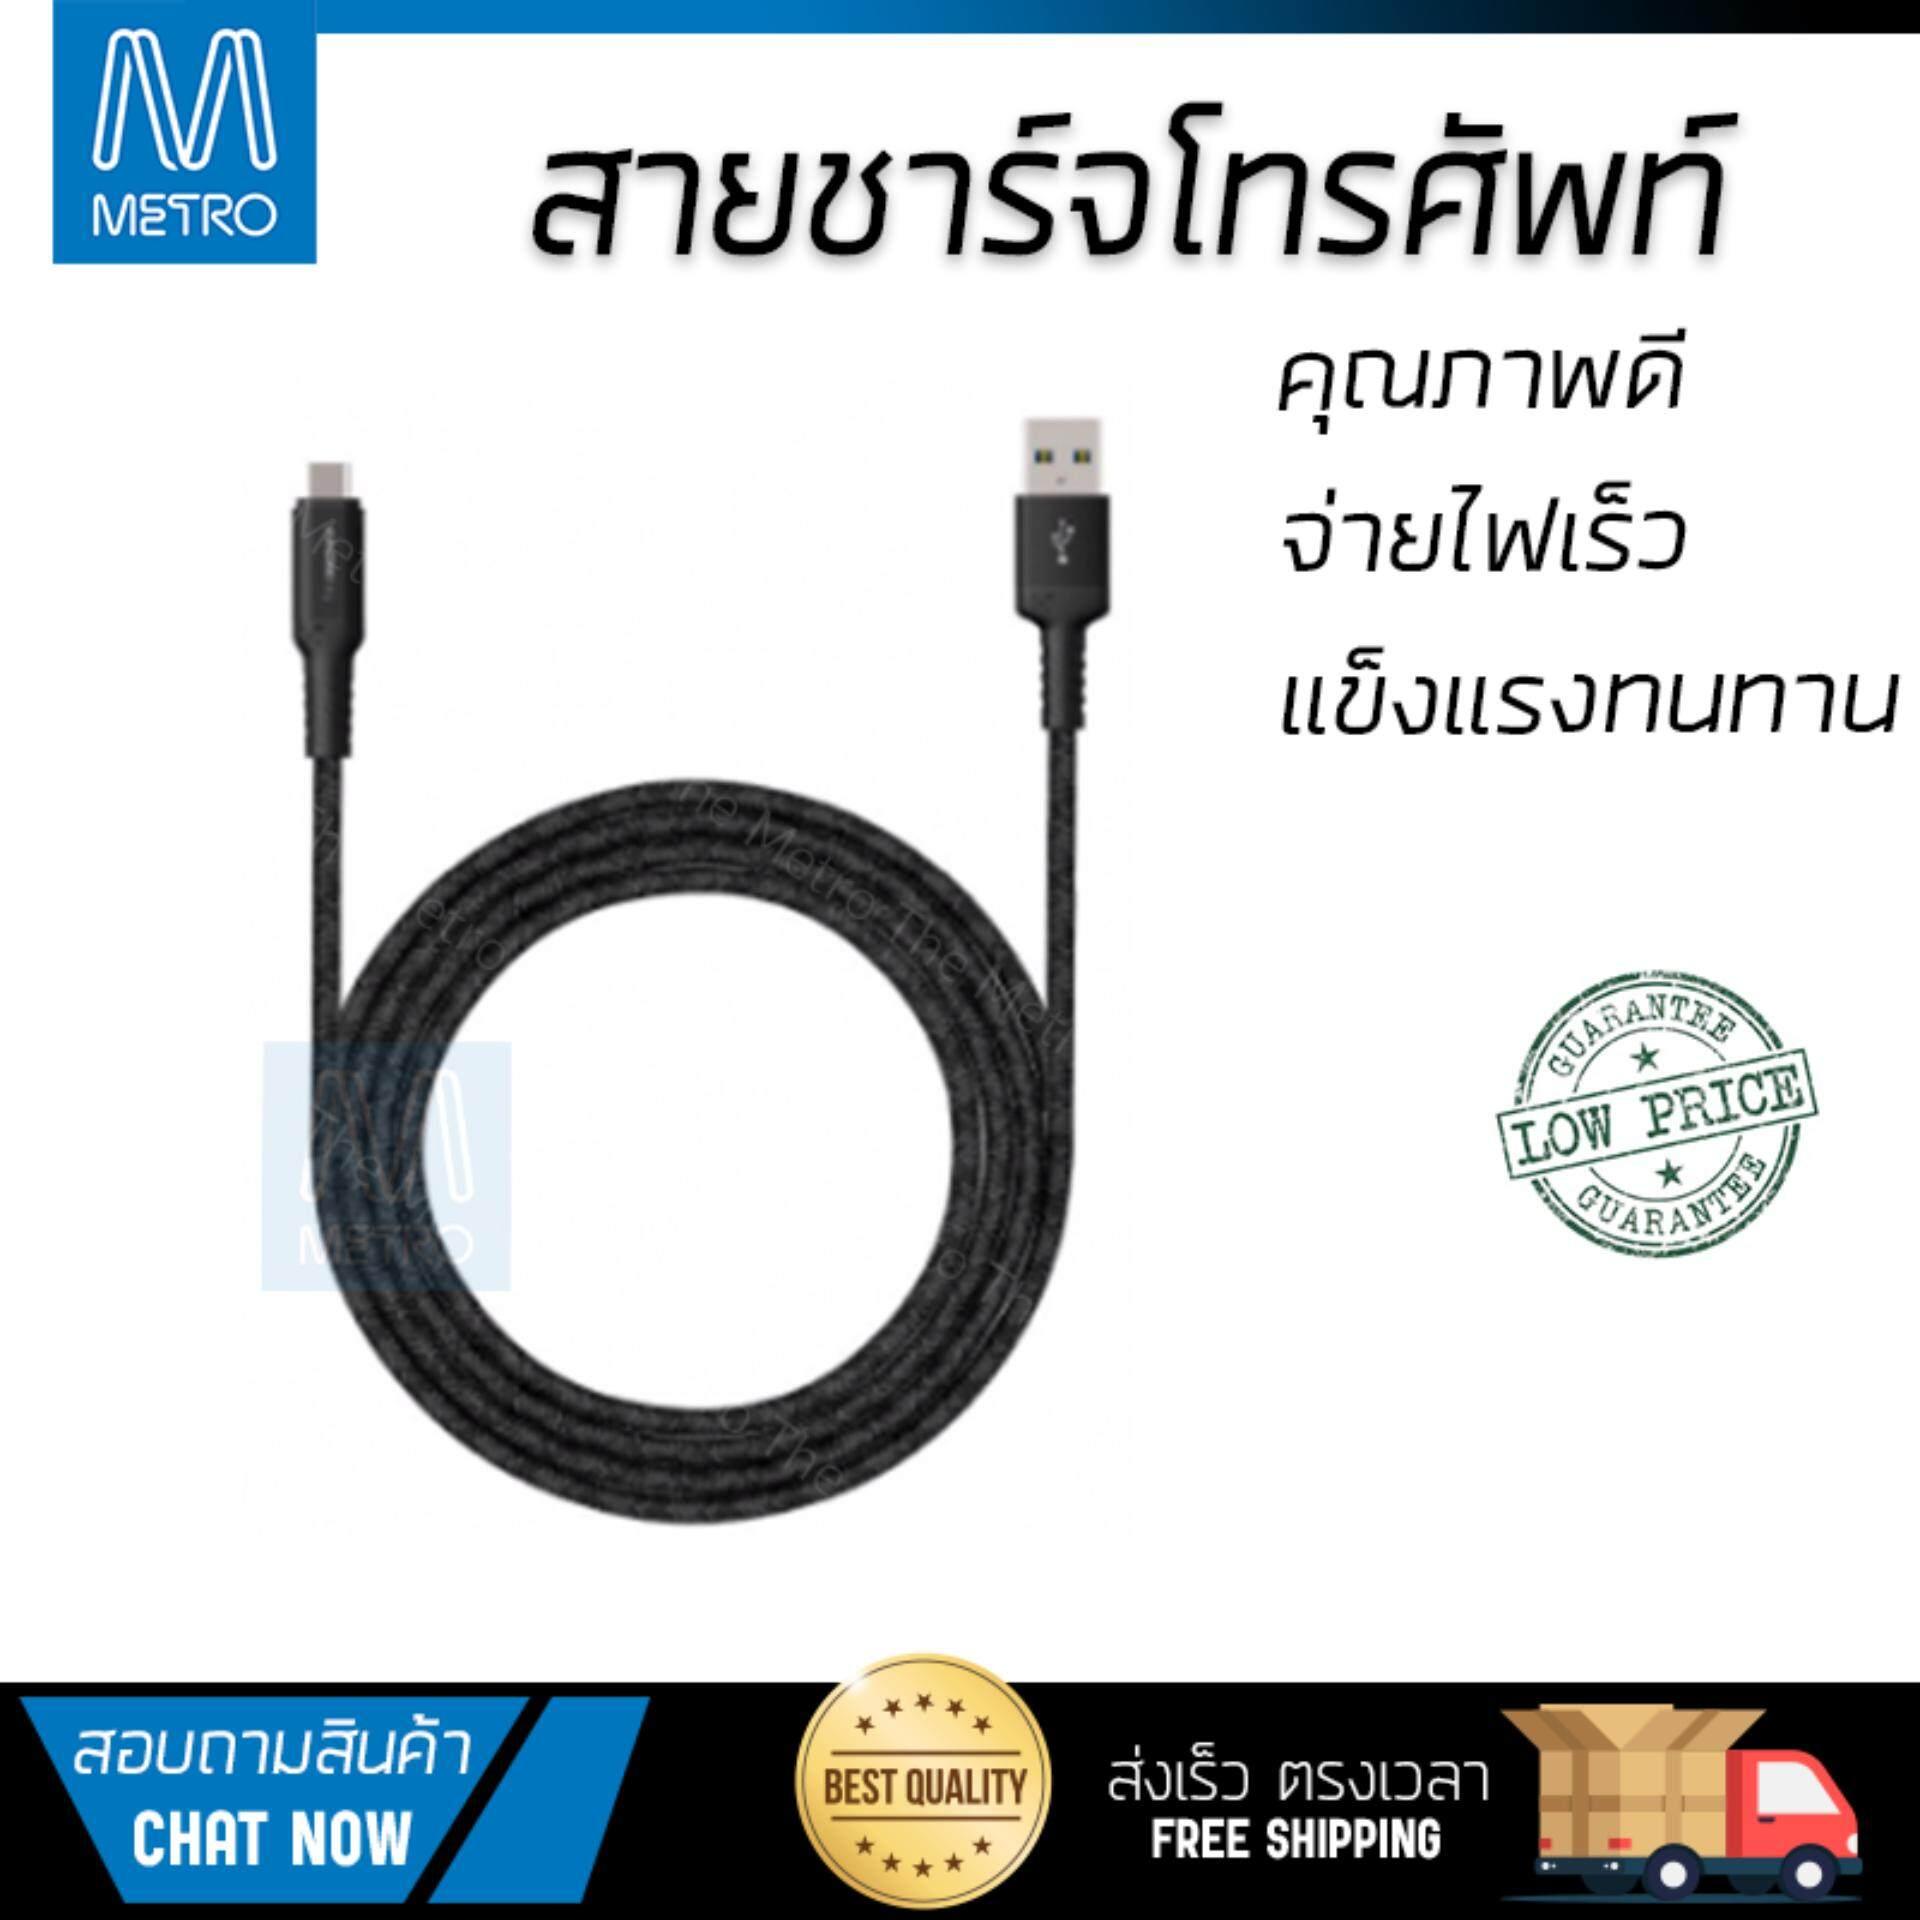 ราคาพิเศษ รุ่นยอดนิยม สายชาร์จโทรศัพท์ AMAZINGthing USB-A to USB-C Cable SupremeLink Bullet Shield 1.2M. Black สายชาร์จทนทาน แข็งแรง จ่ายไฟเร็ว Mobile Cable จัดส่งฟรี Kerry ทั่วประเทศ